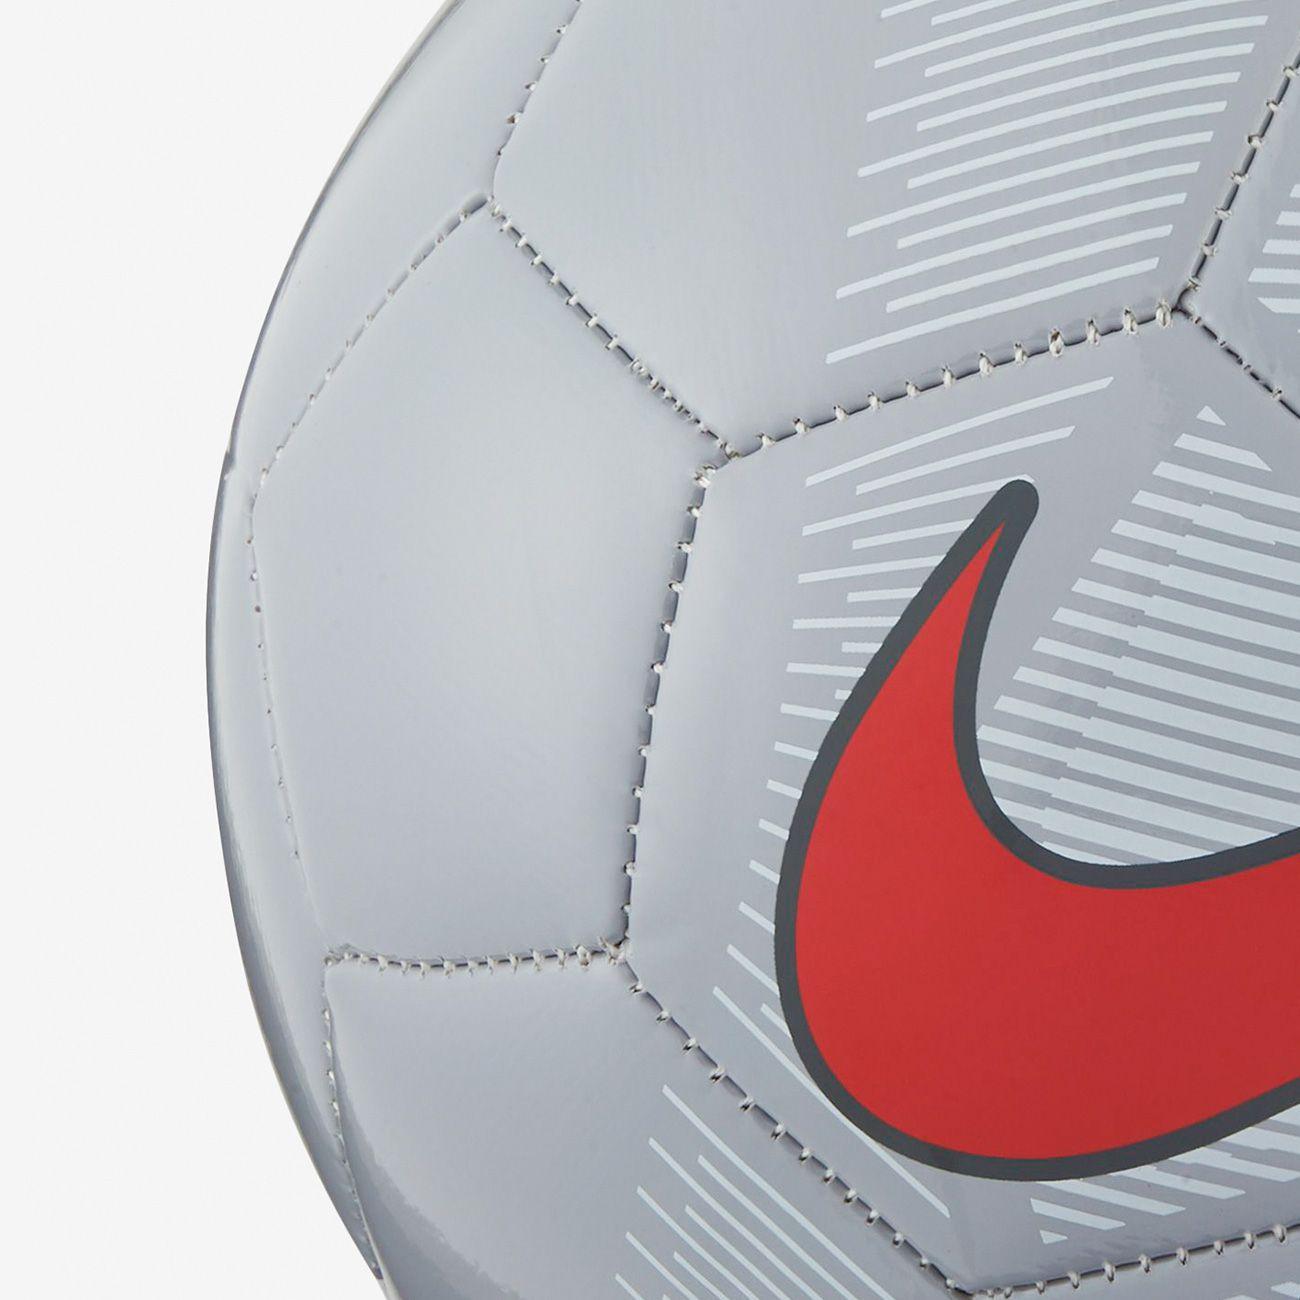 7ef528d18 Bola Campo Nike Mercurial Fade - BRACIA SHOP  Loja de Roupas ...